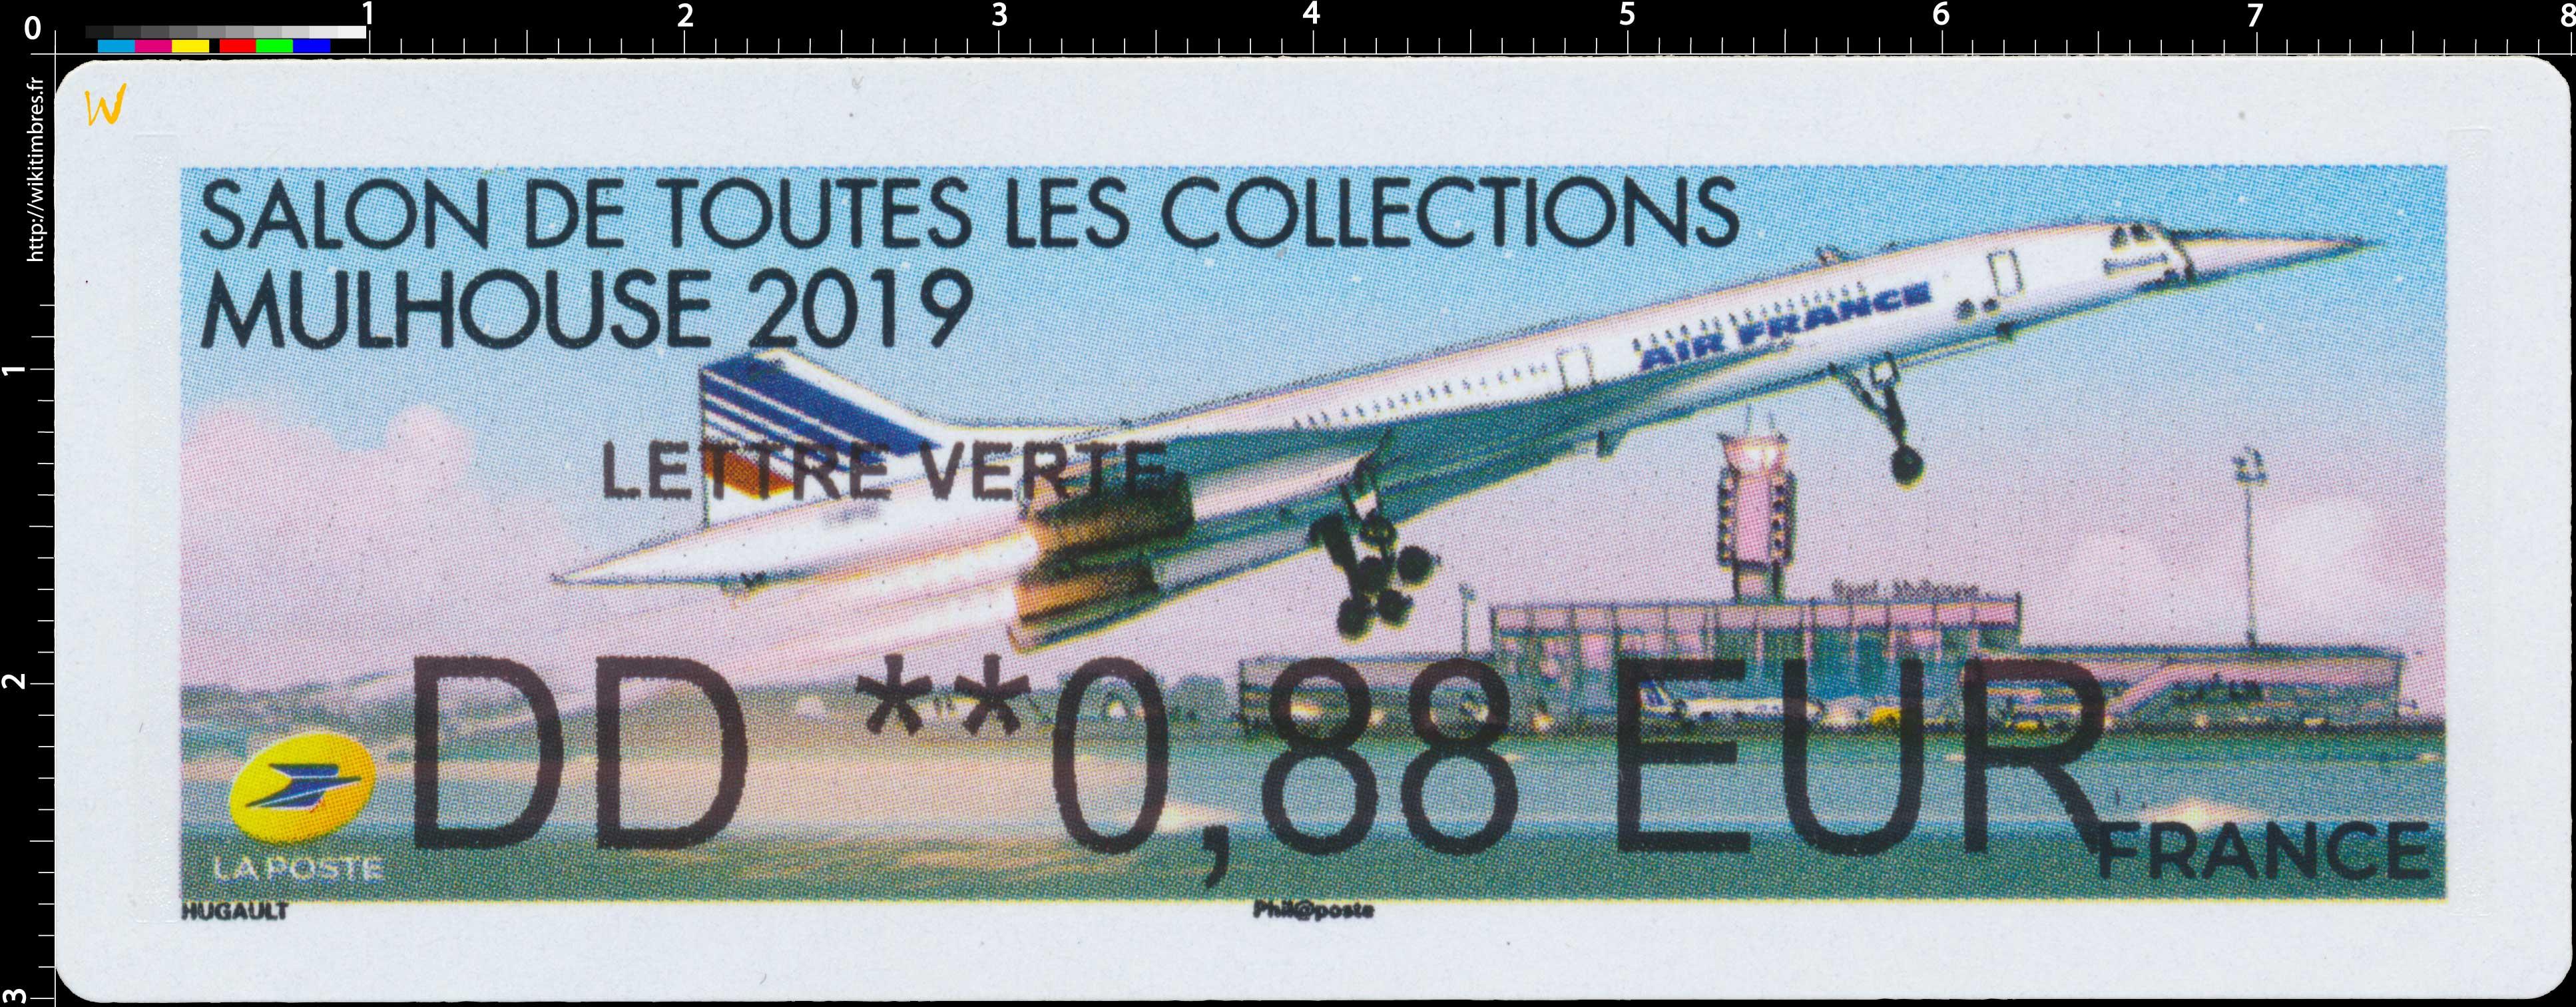 2019 Salon de toutes les collections - Mulhouse